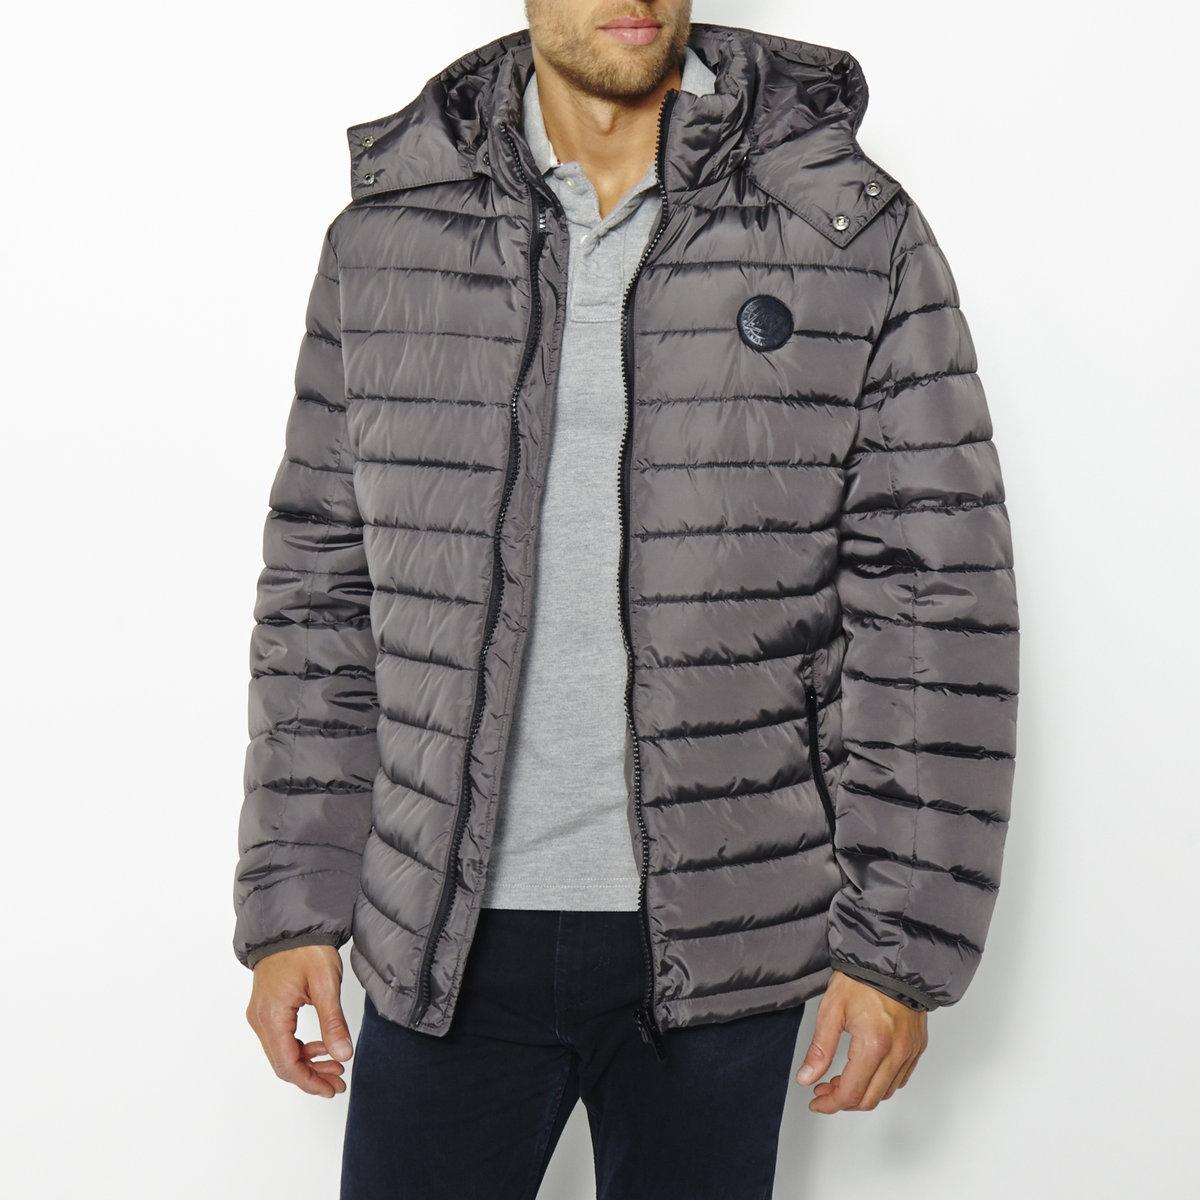 Куртка стеганая BENTIСтеганая куртка BENTI от KAPORAL. 100% полиамид. Подкладка из полиэстера. Съемный капюшон. Длинные рукава. Высокий воротник. Застежка на молнию. 2 кармана с застежкой на молнию. Логотип сзади. Низ на кулиске с фиксаторами.<br><br>Цвет: серый,черный<br>Размер: S